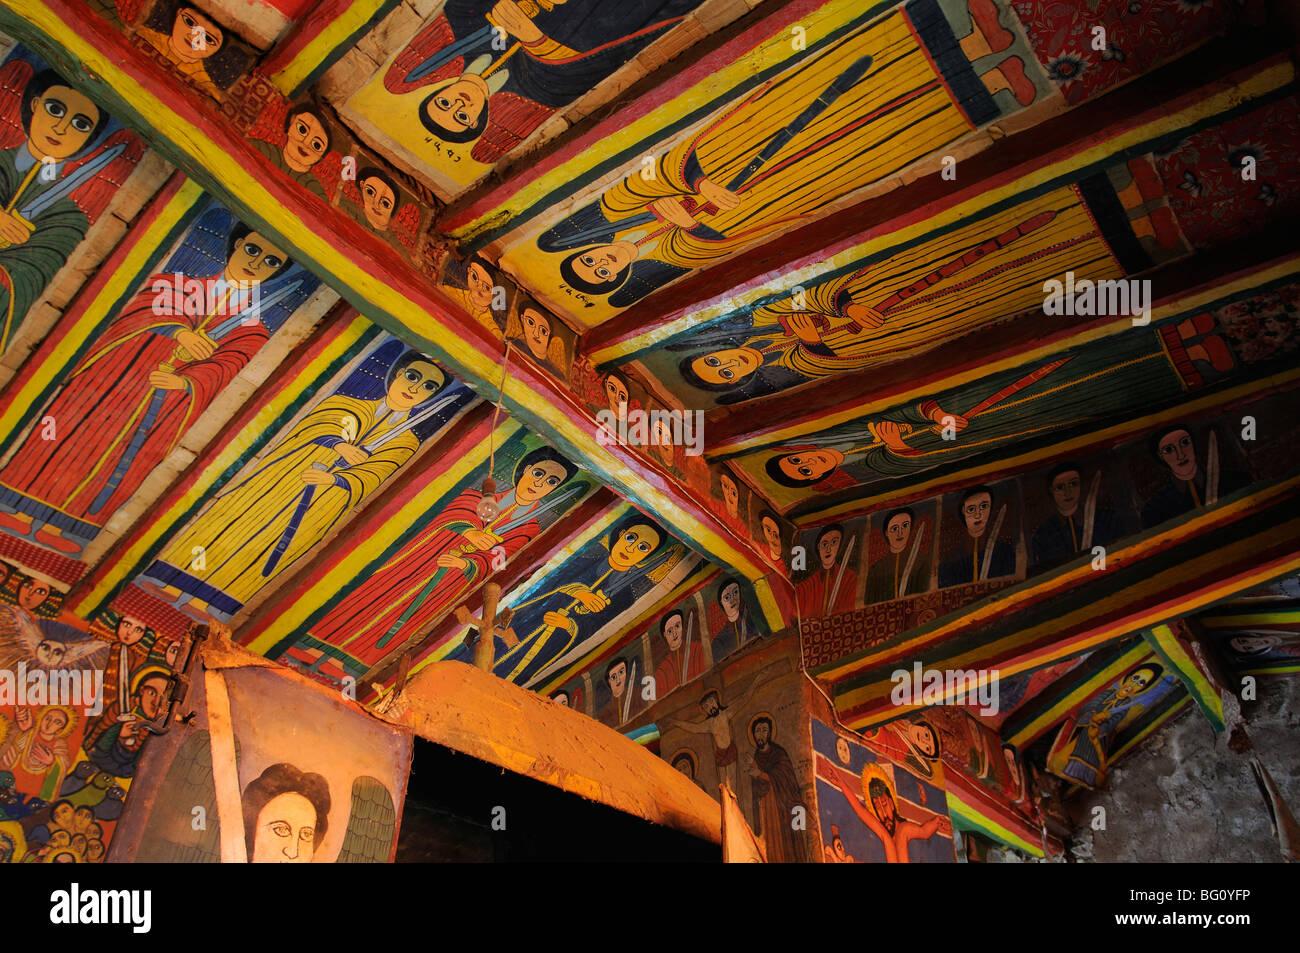 4 animals church, axum, ethiopia - Stock Image